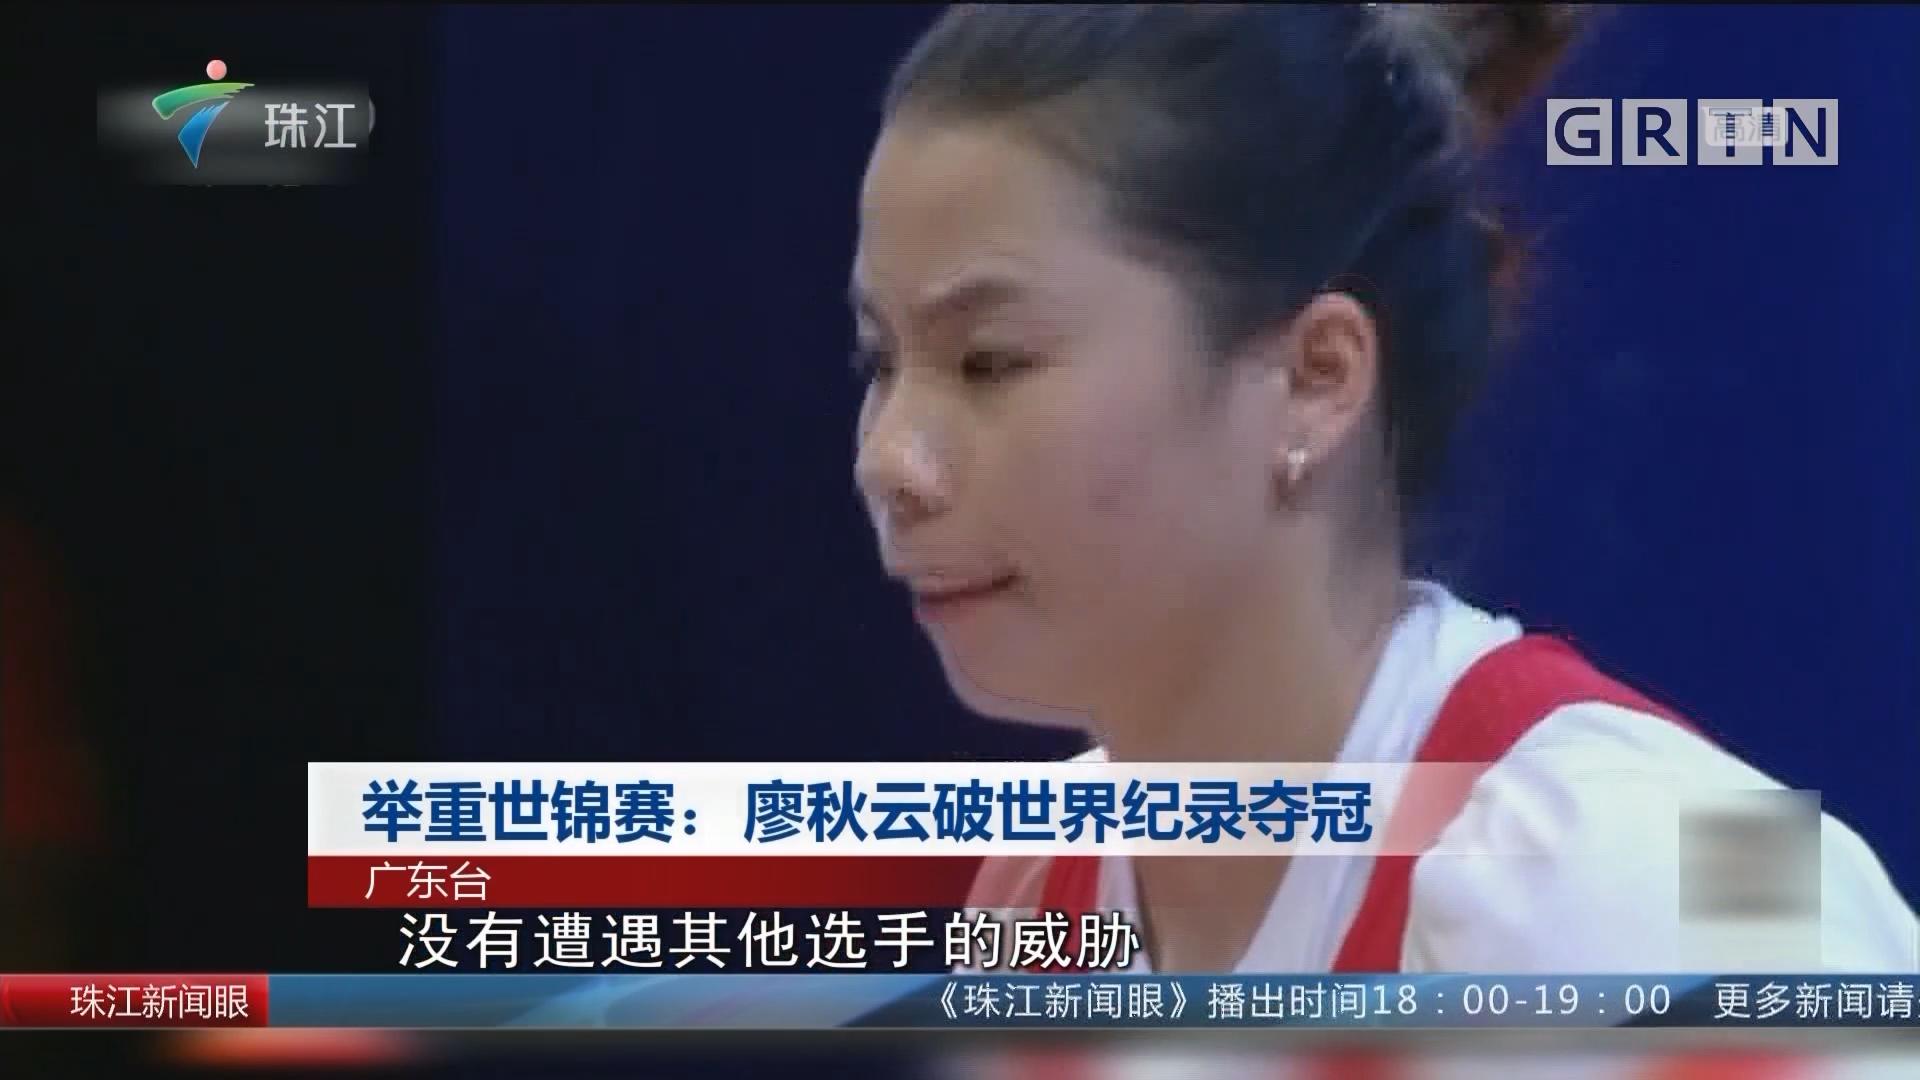 举重世锦赛:廖秋云破世界纪录夺冠